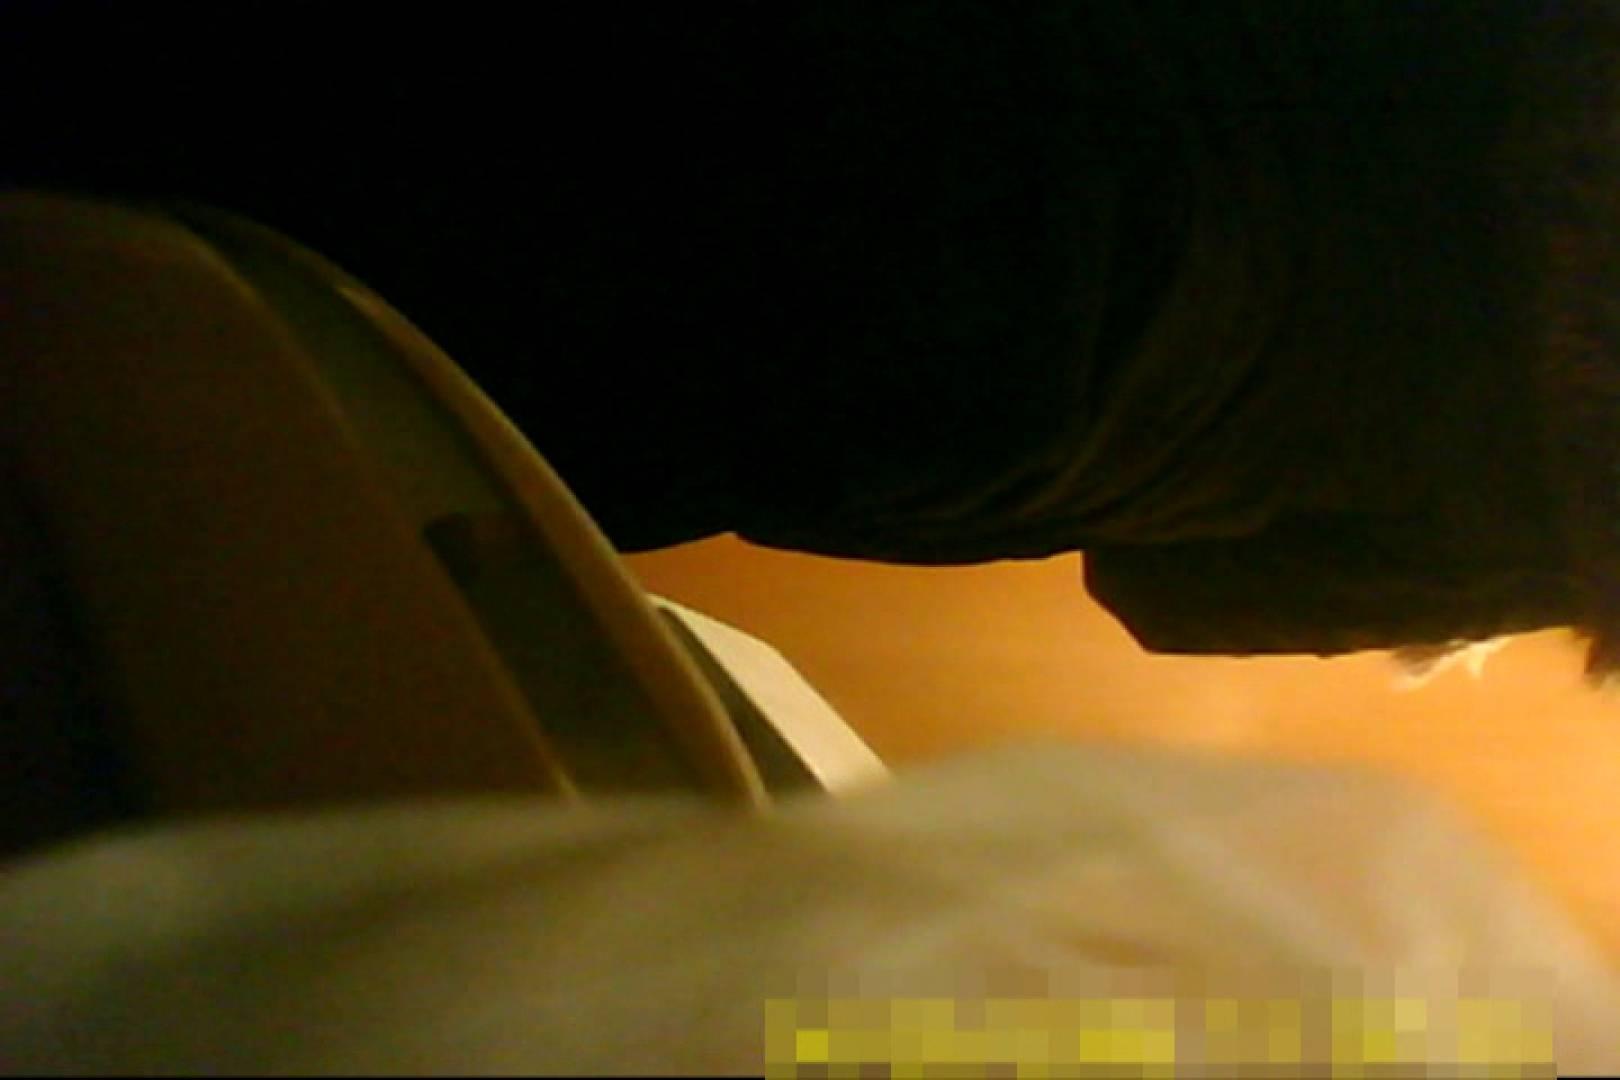 魅惑の化粧室~禁断のプライベート空間~vol.10 盗撮師作品 エロ無料画像 102pic 32